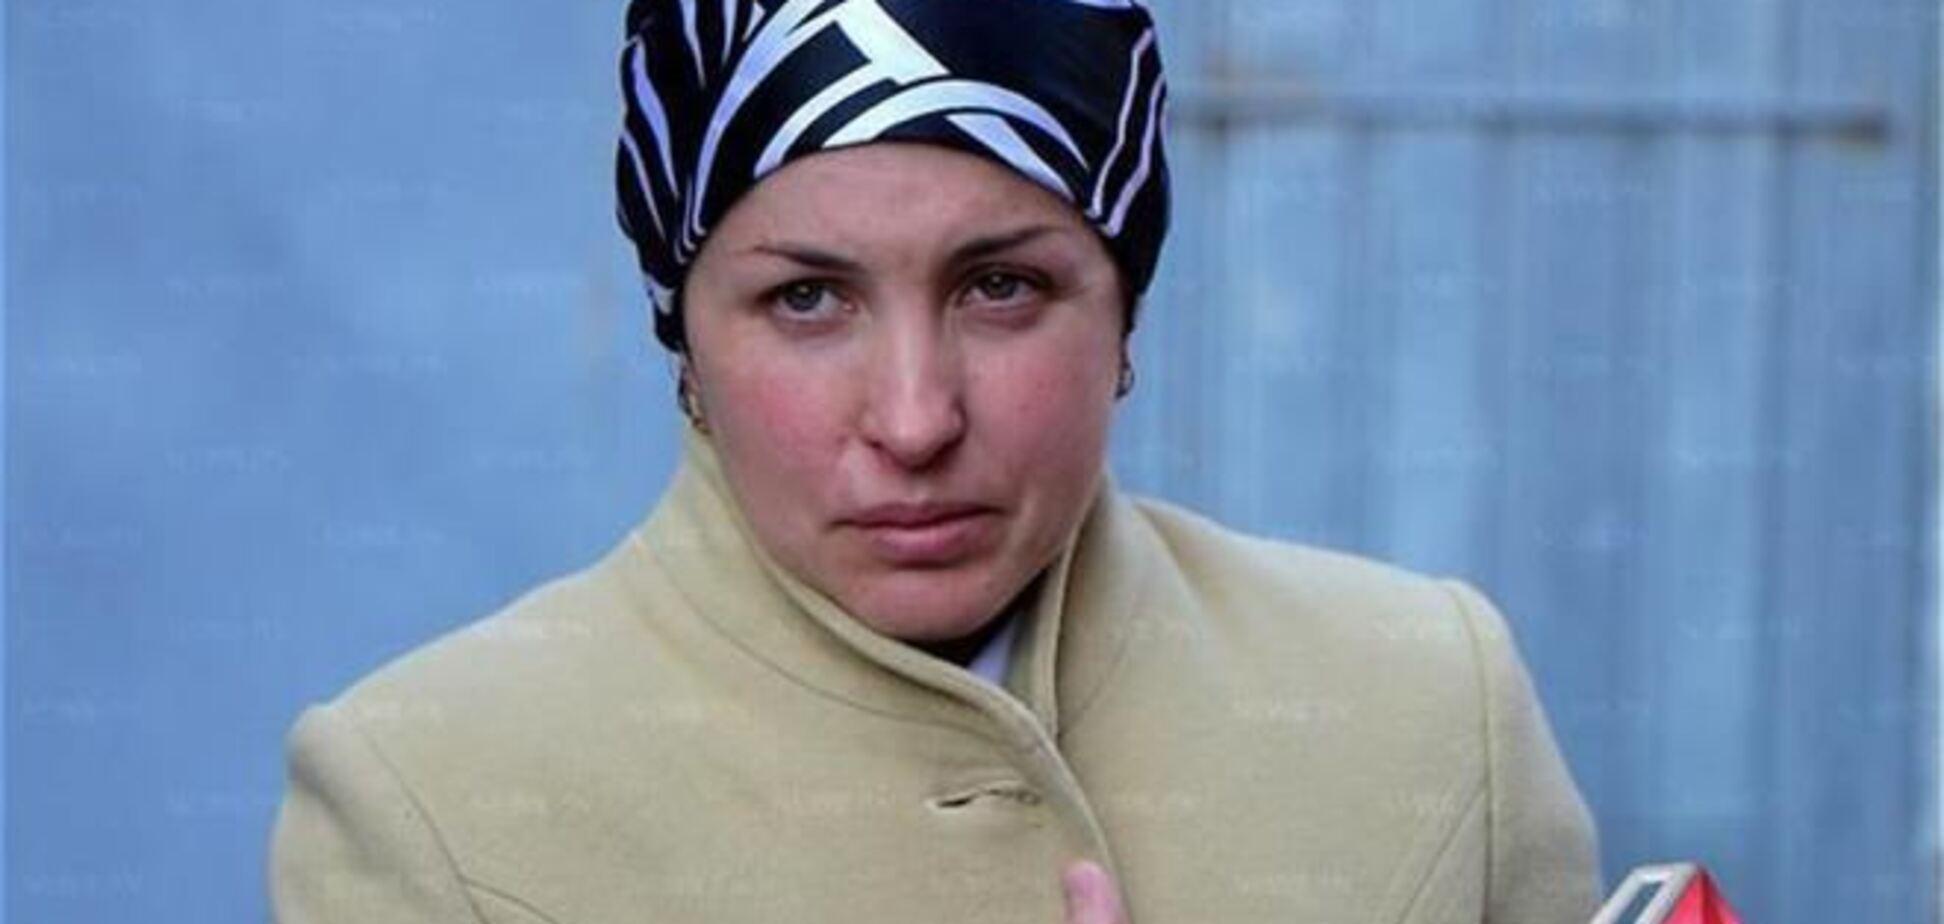 Установлено время изнасилования Крашковой